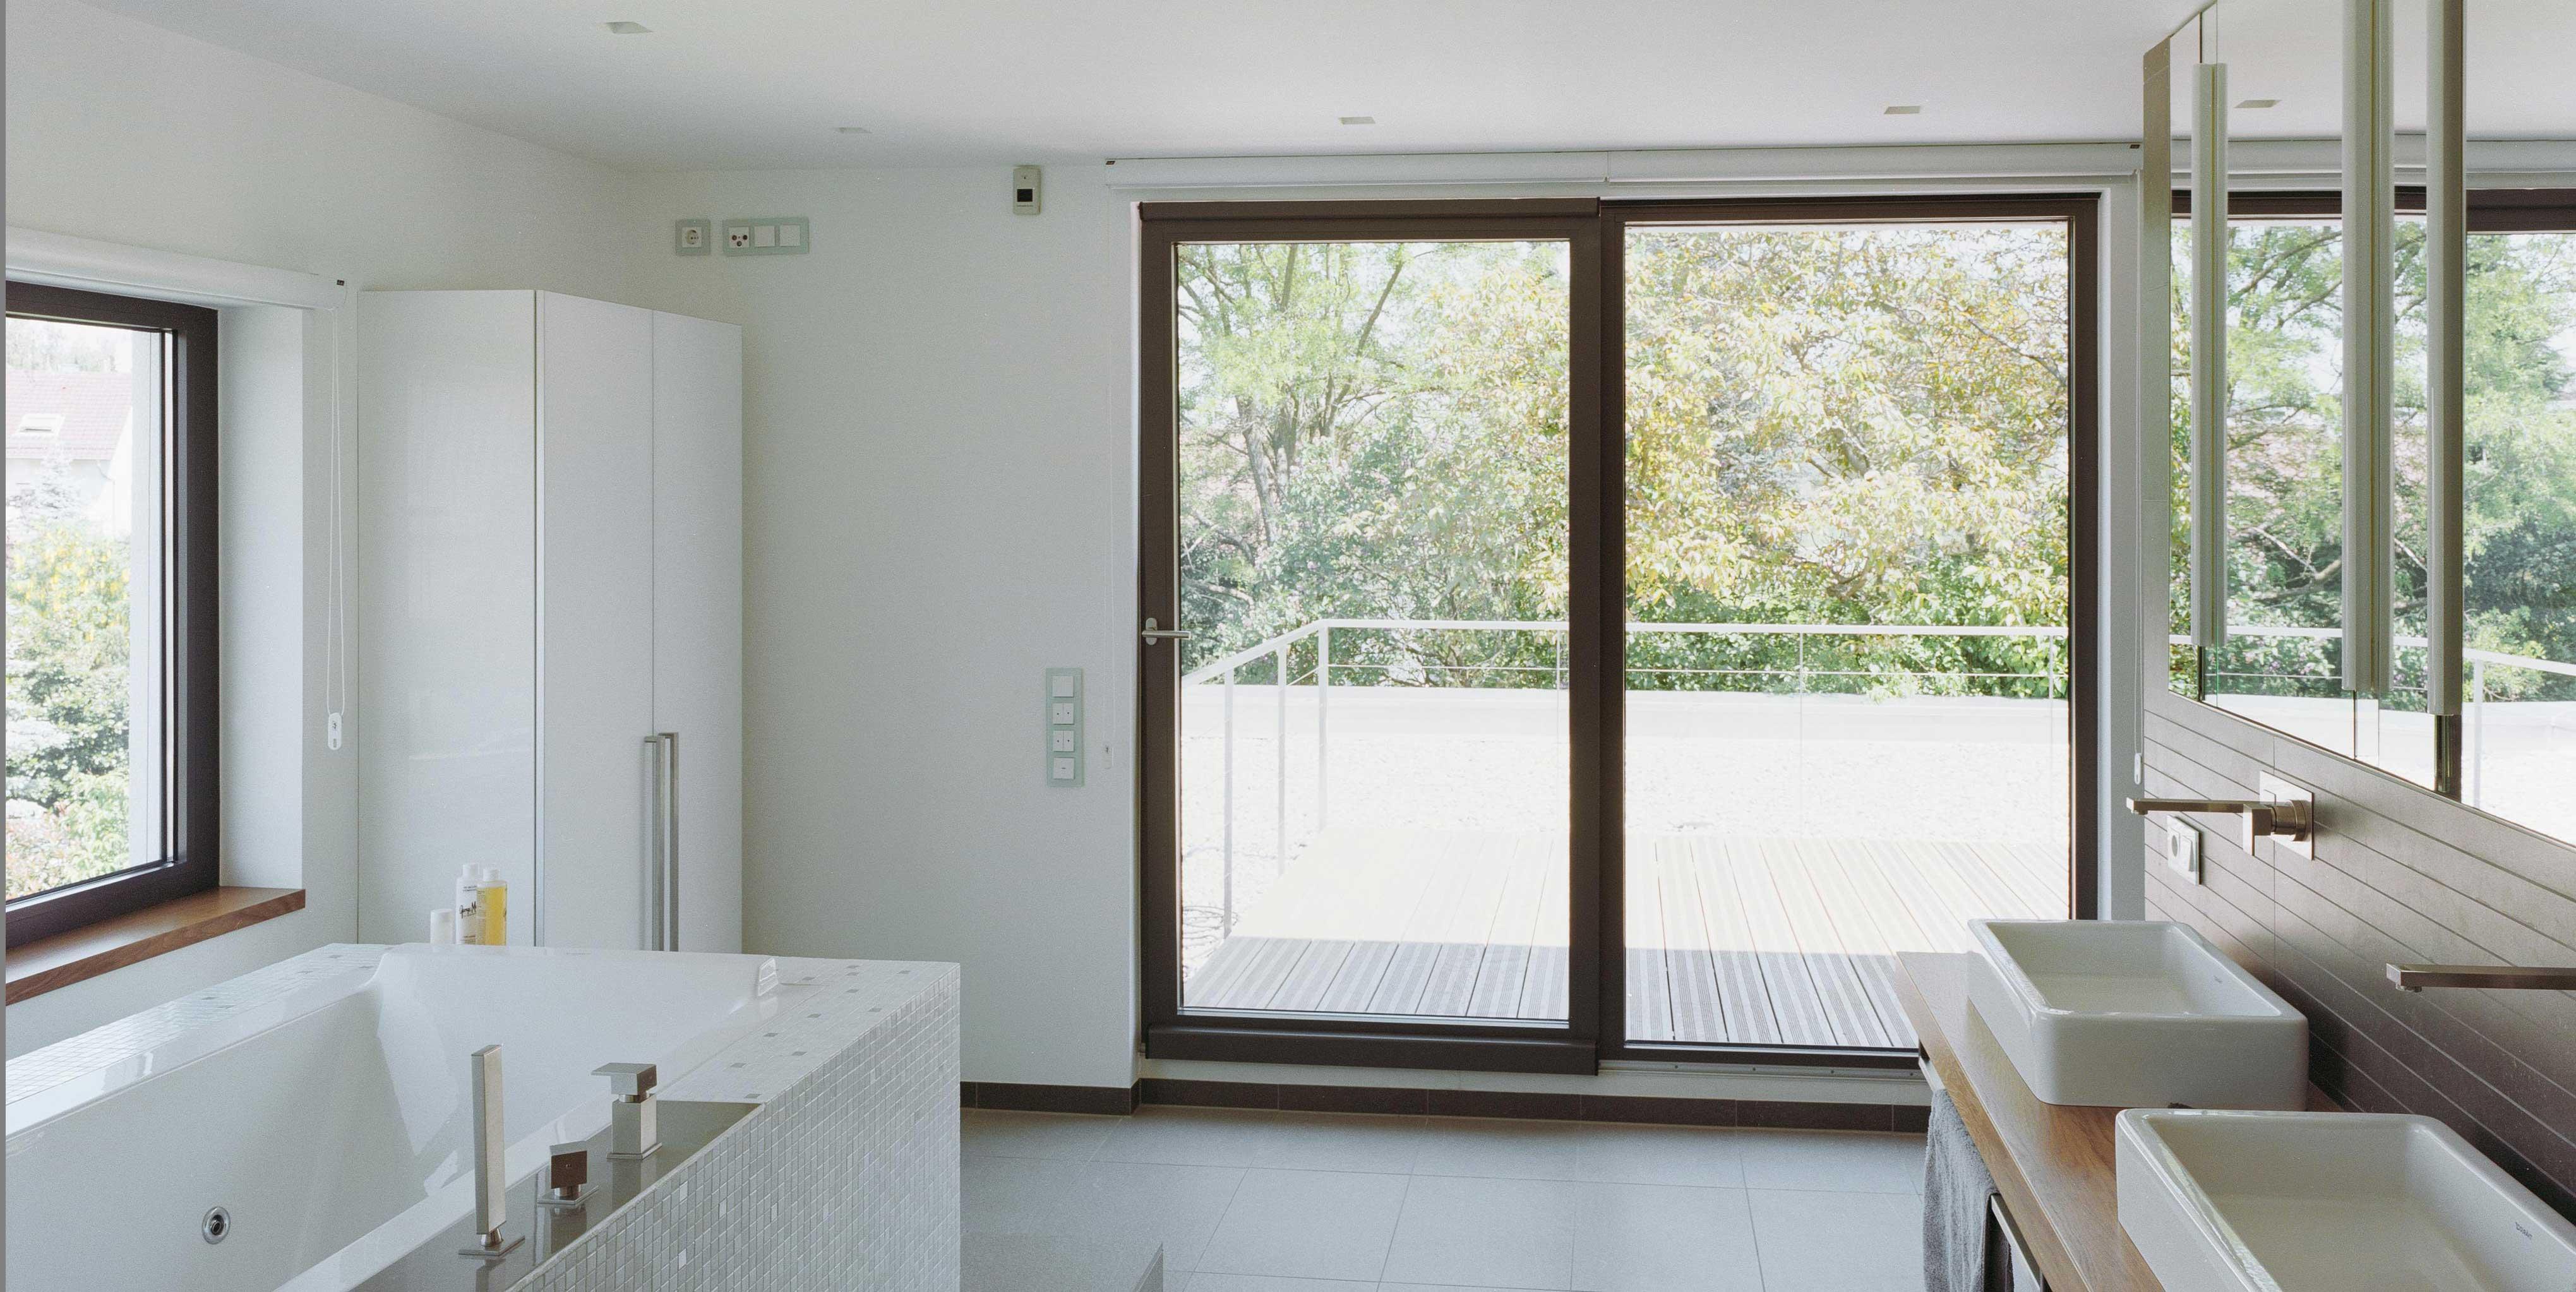 amolsch holzbau gmbh fenster t ren leistungen schreinerei innenausbau in karlsruhe. Black Bedroom Furniture Sets. Home Design Ideas